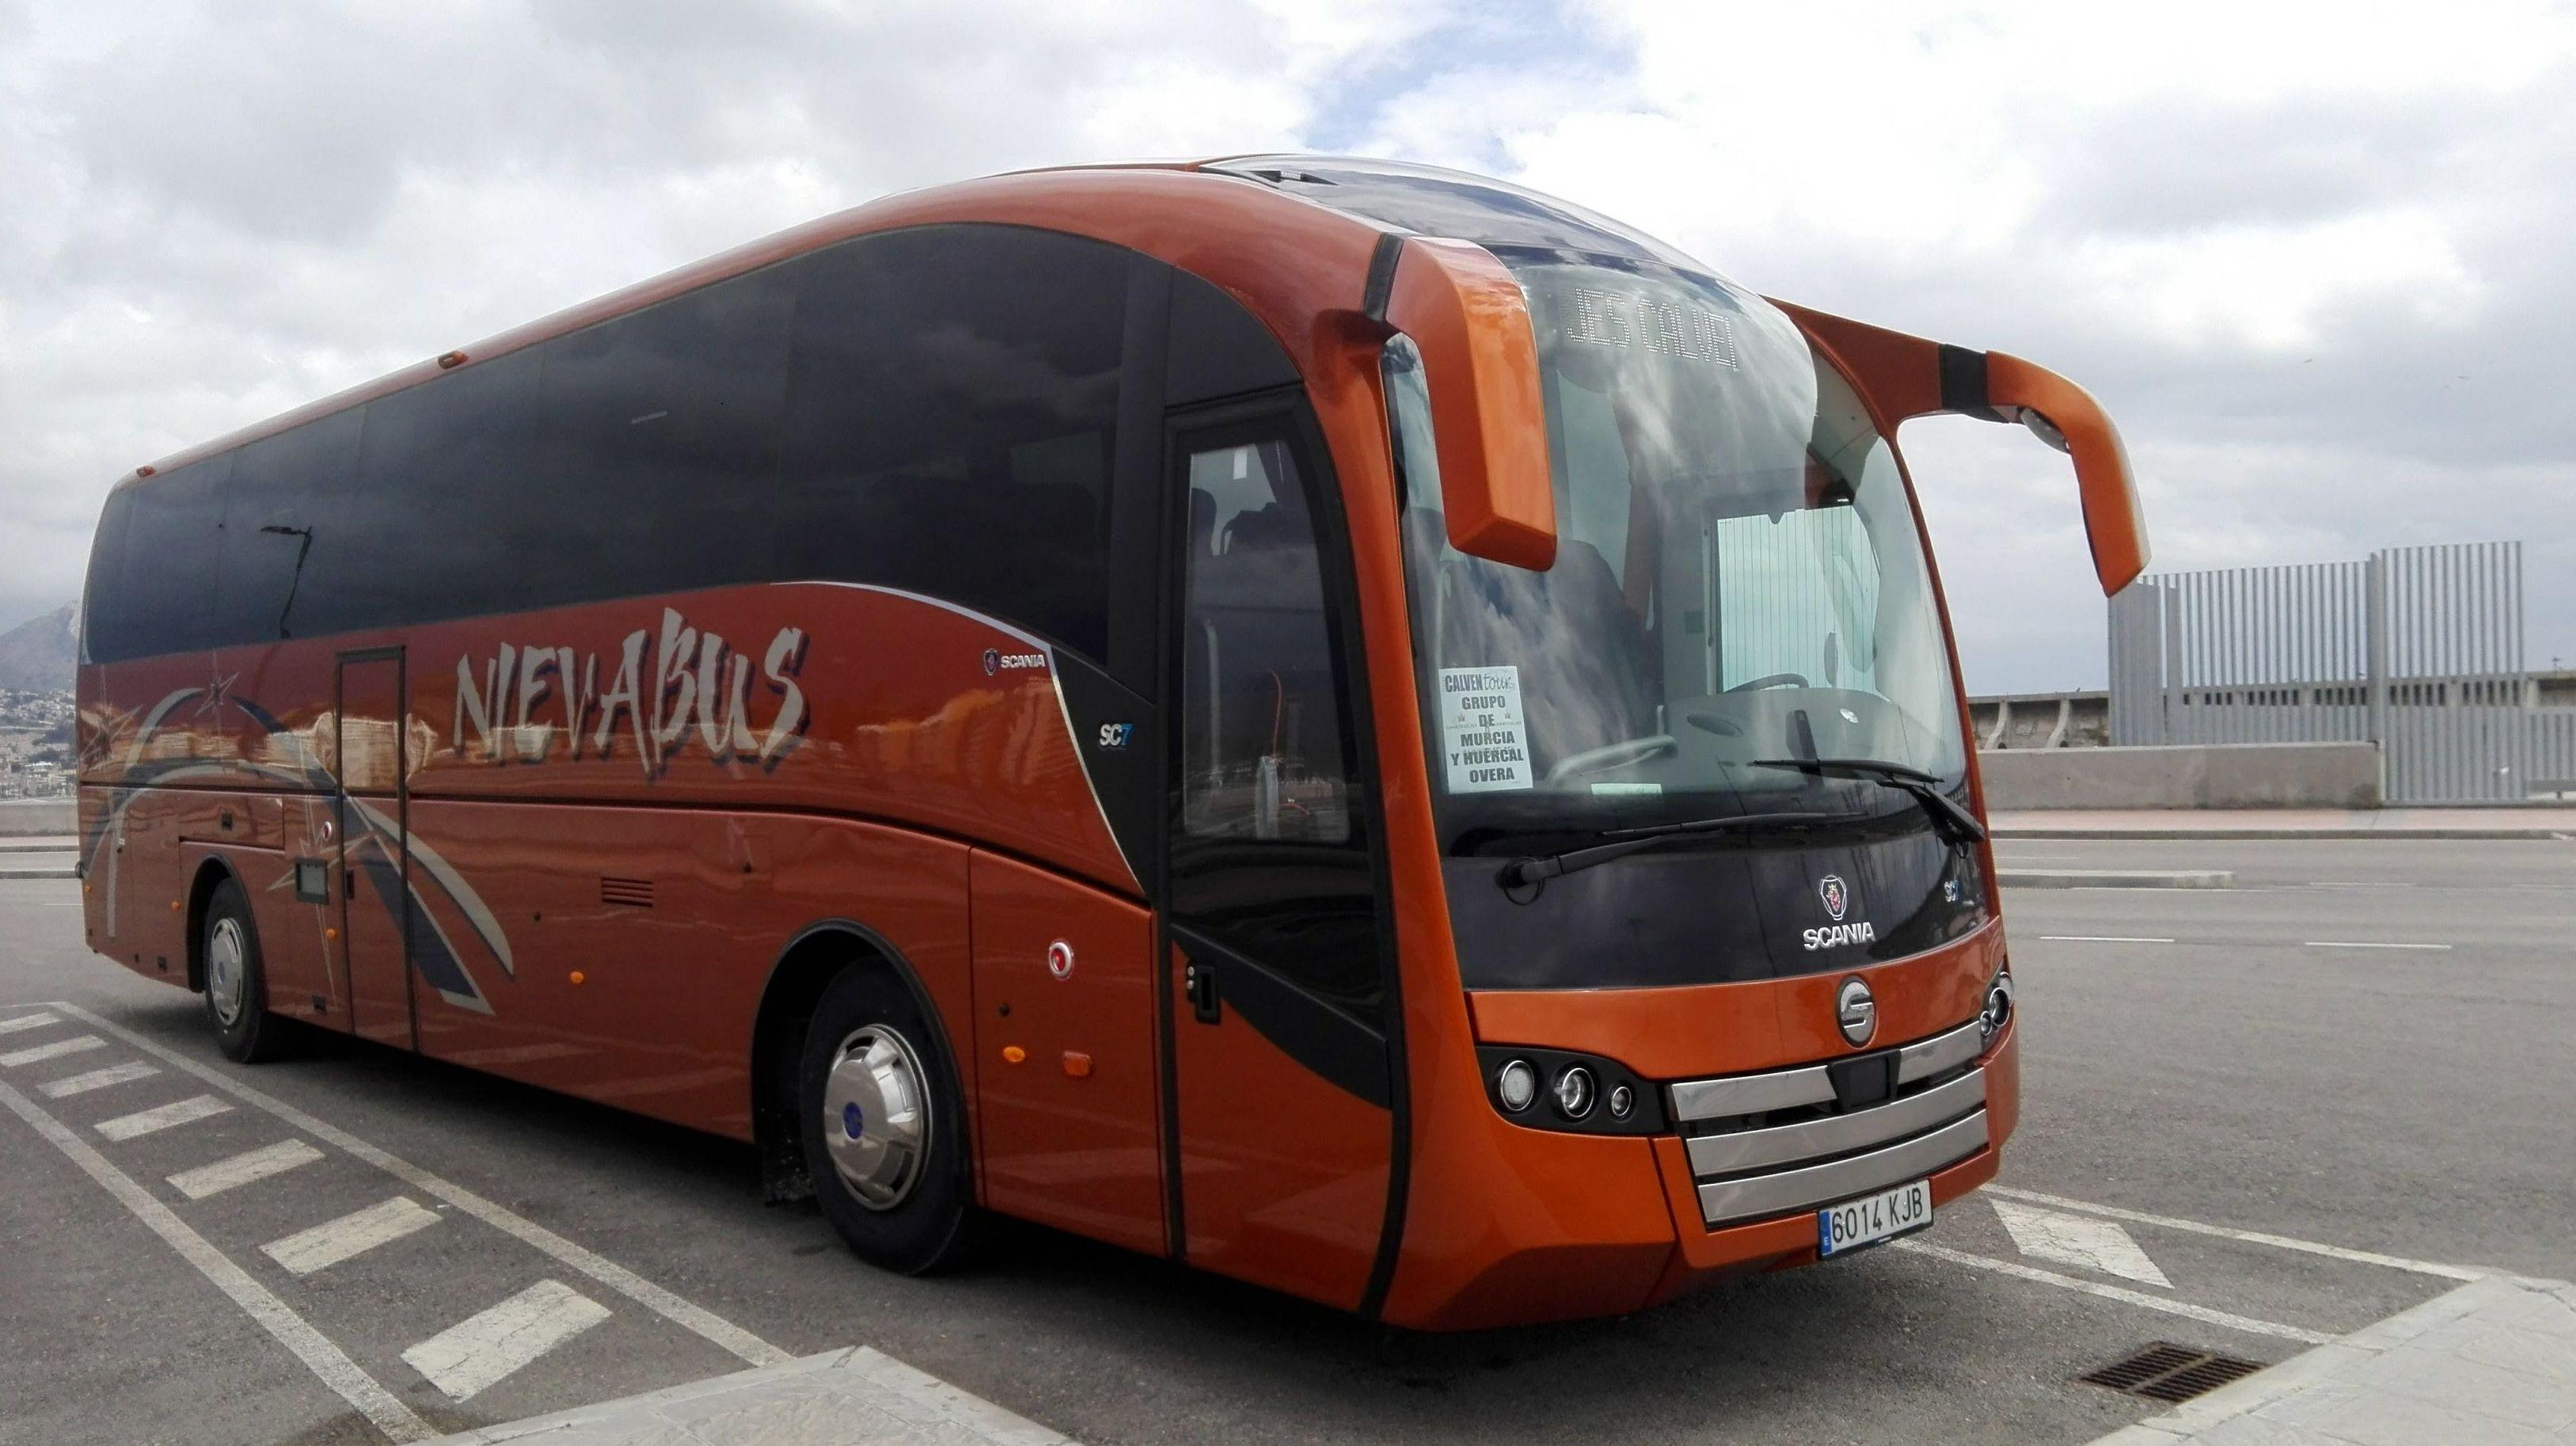 Foto 3 de Autocares y microbuses en  | Autocares y Microbuses Nievabus